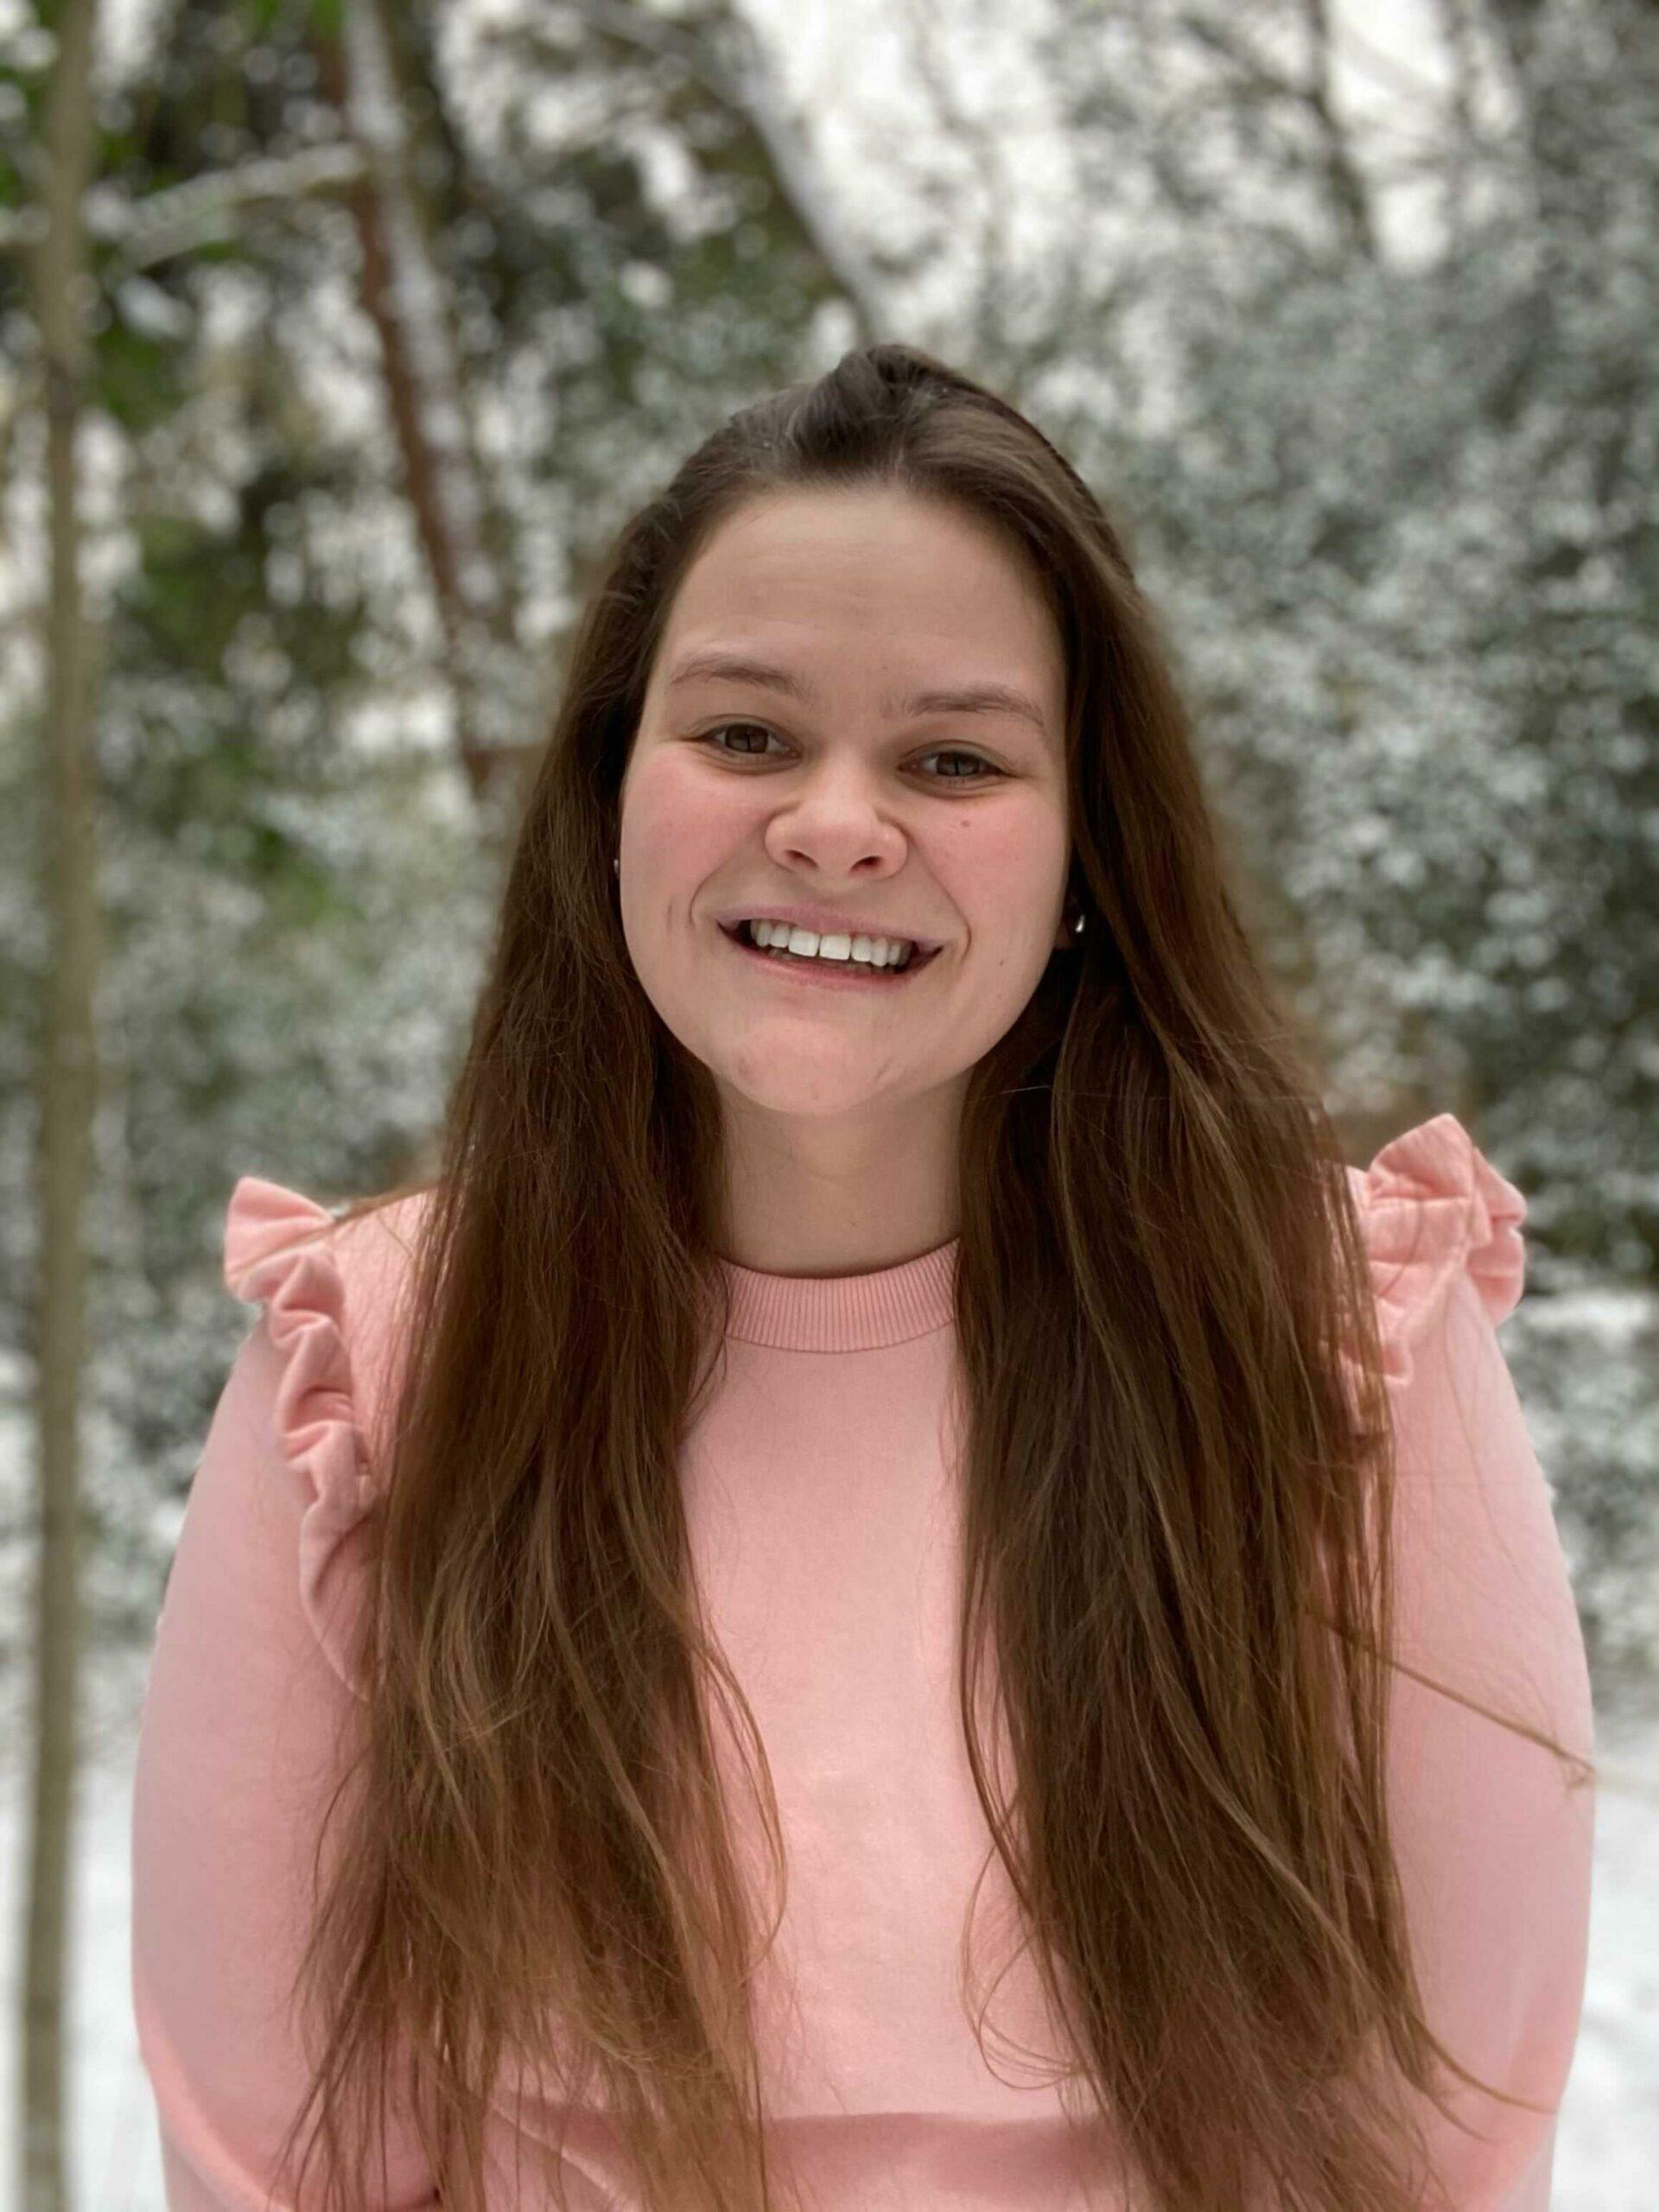 Sarah Verbeken